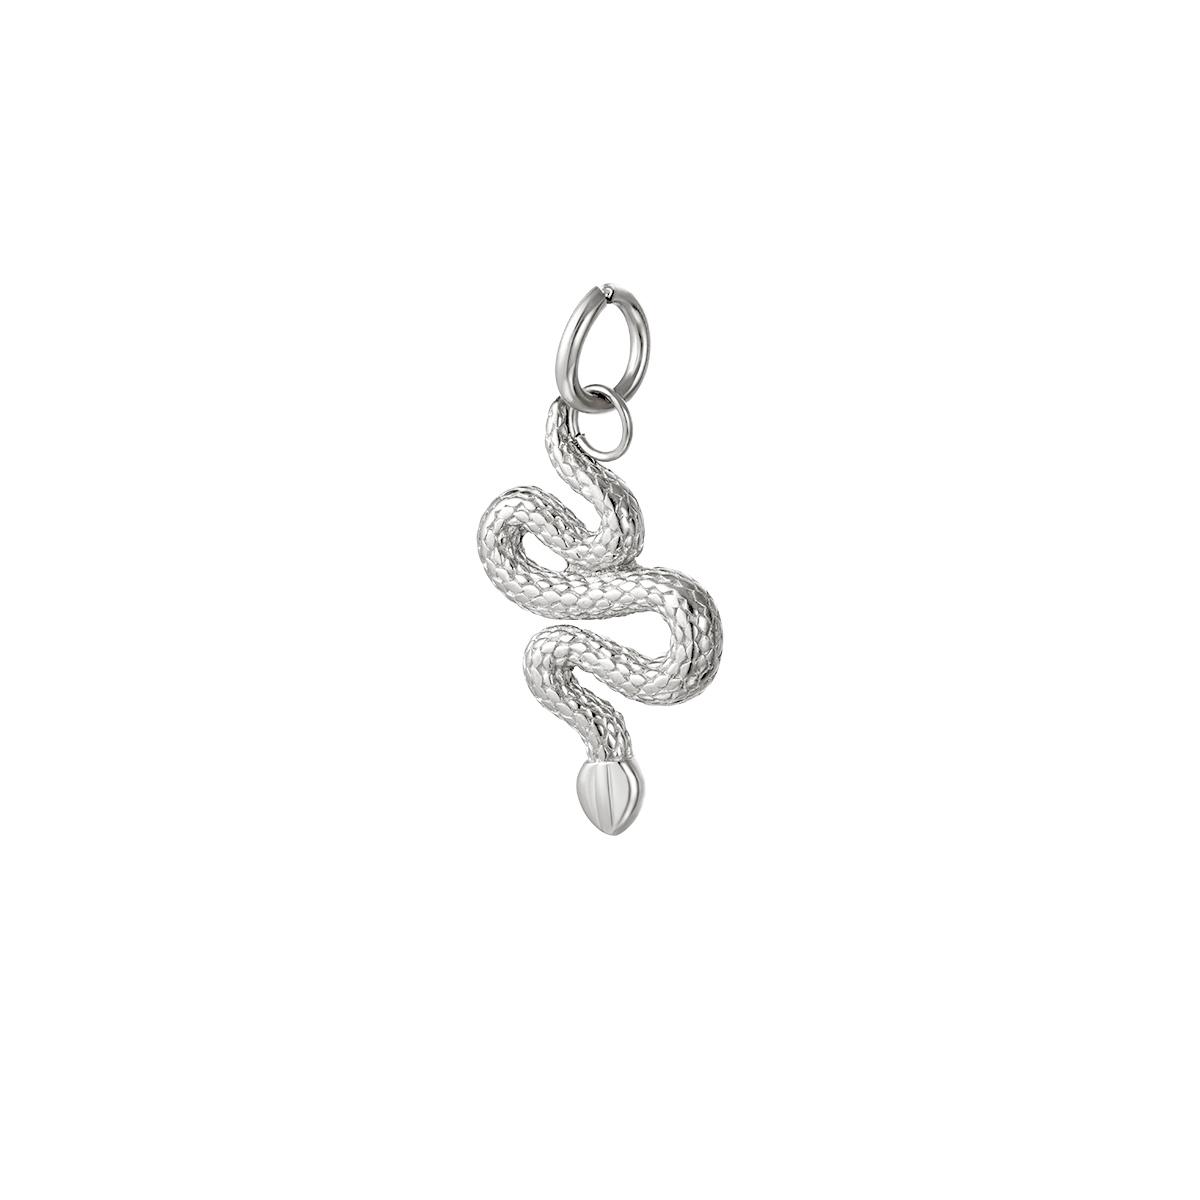 Colgante serpiente de acero inoxidable